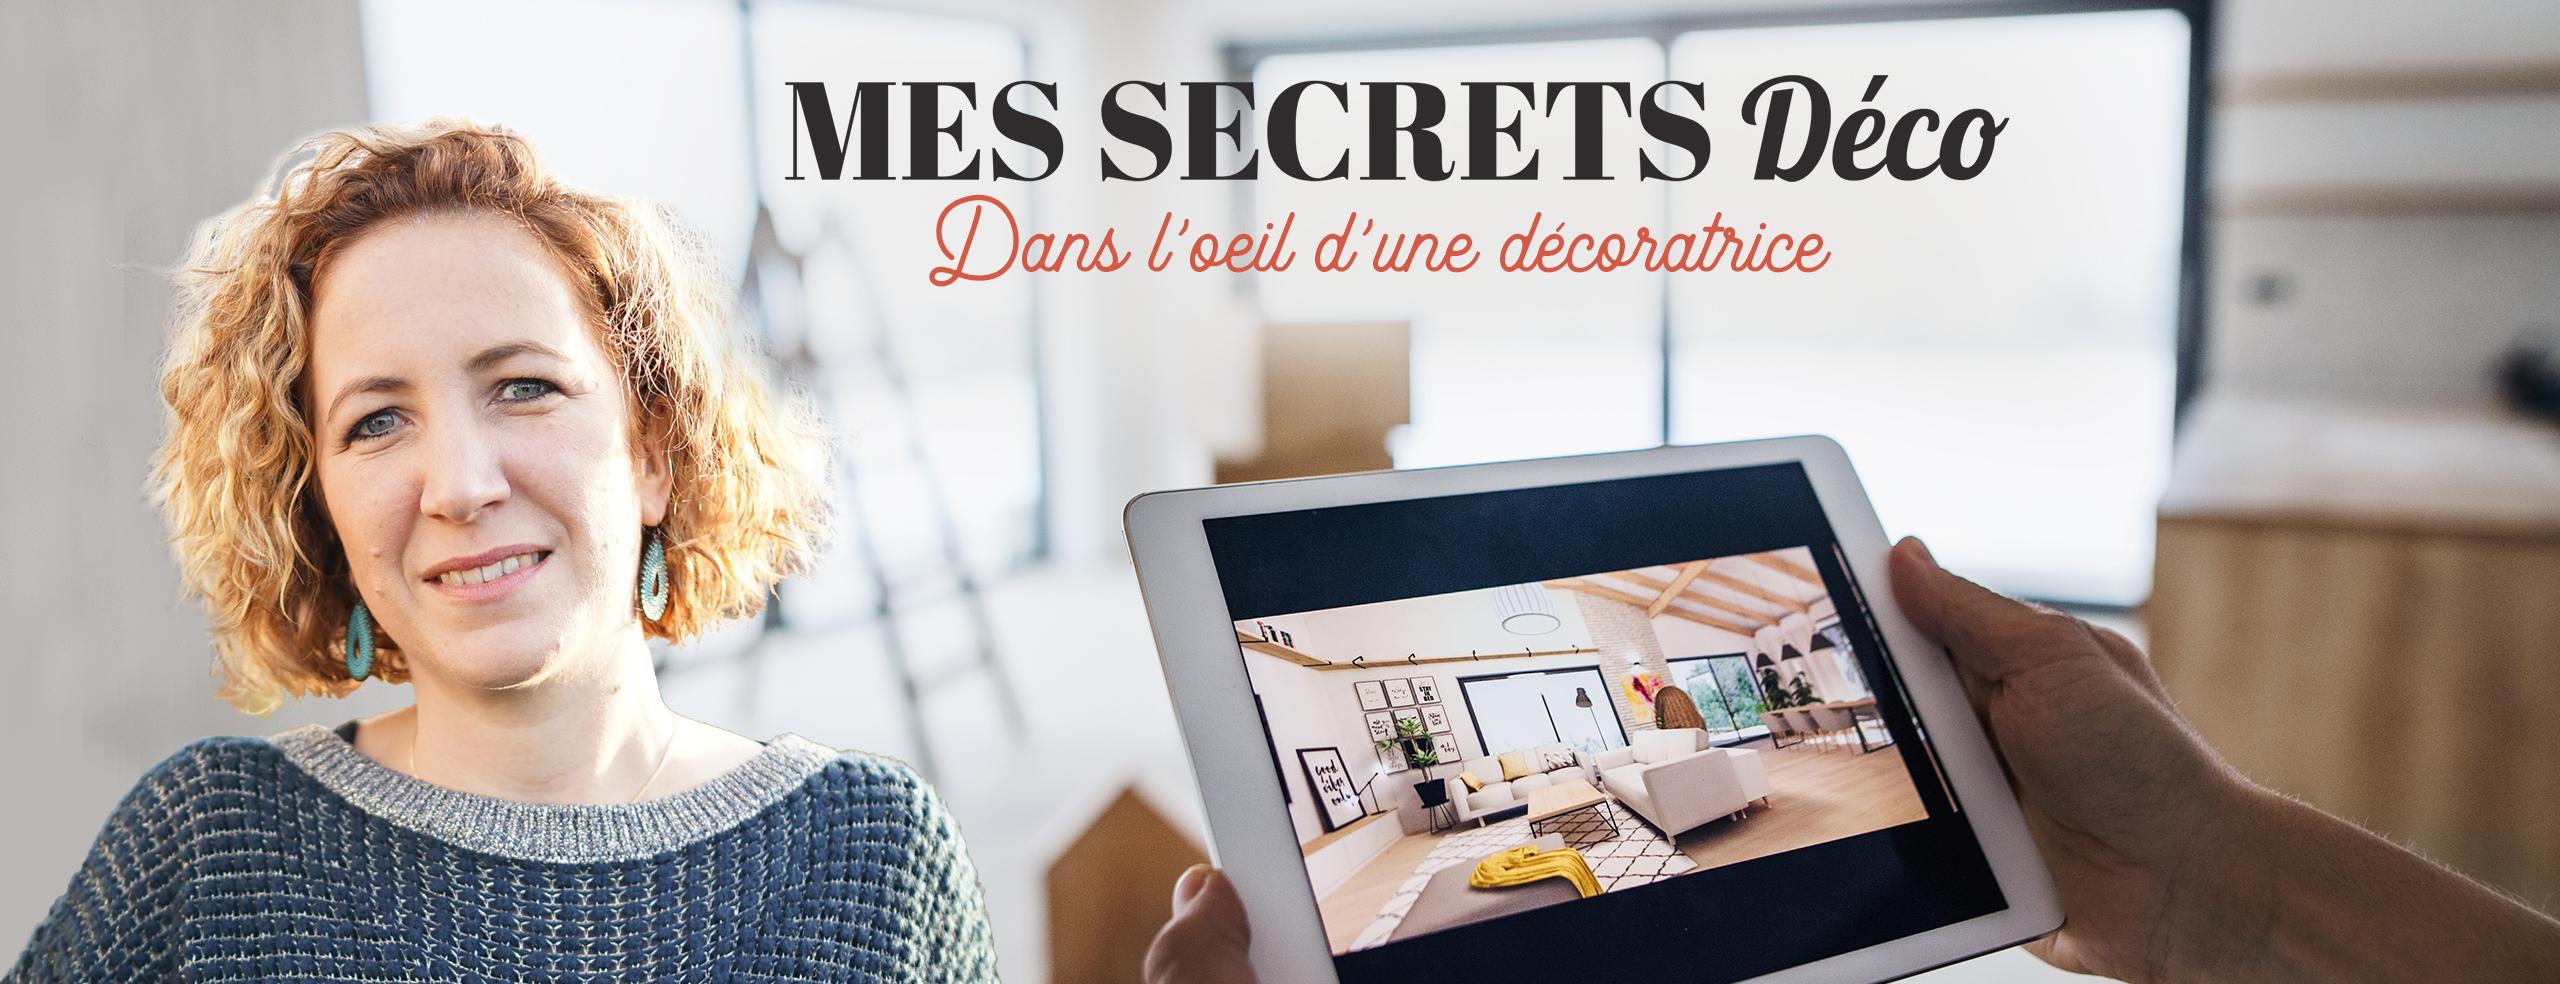 Formation en ligne à domicile escale design et deco cathy brois décoration maison décoratrice mes secrets déco